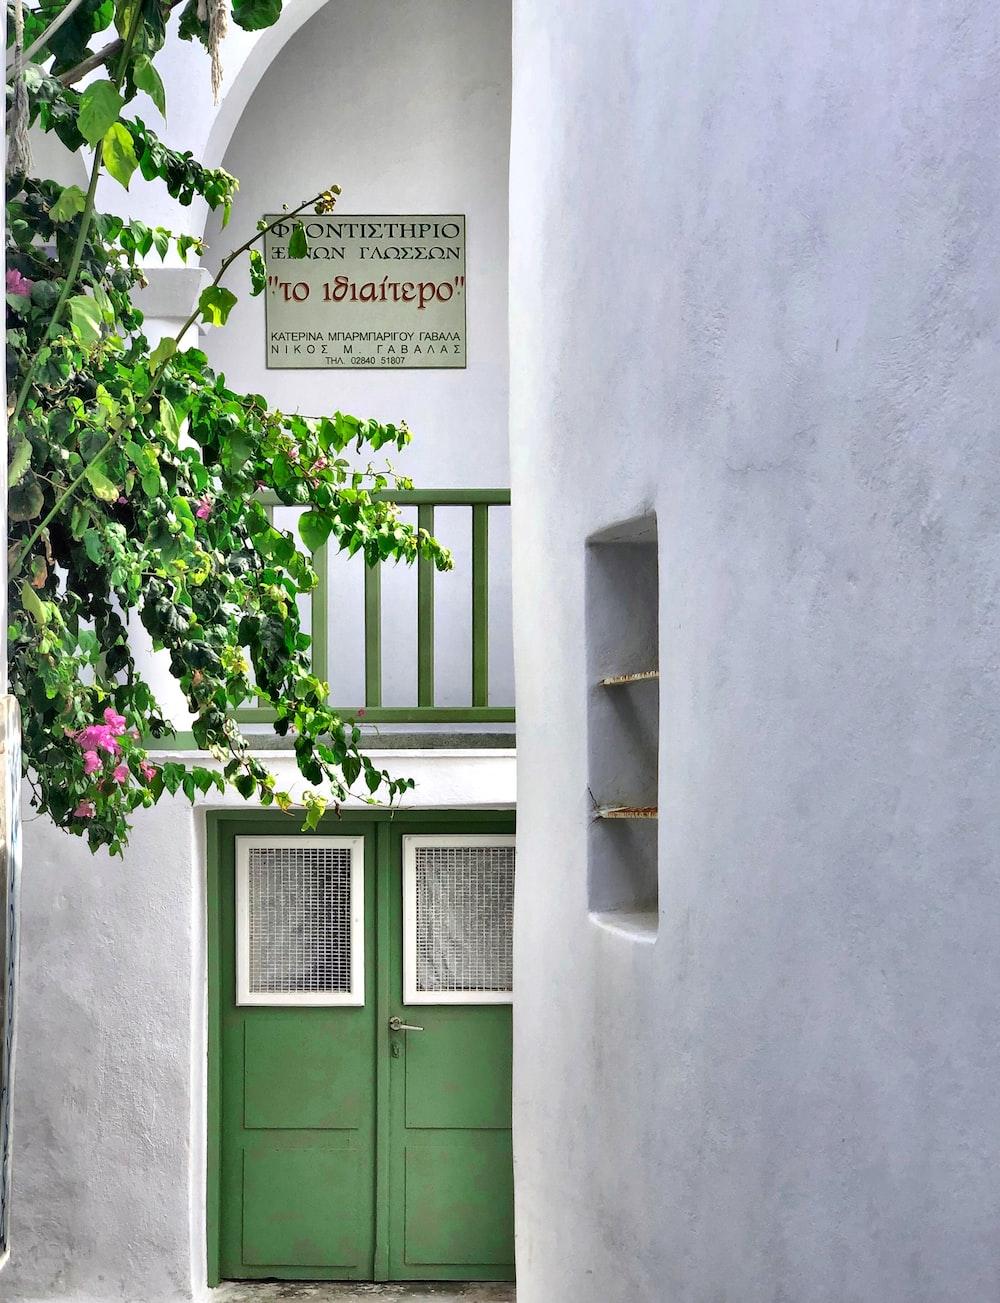 green wooden door with green plant